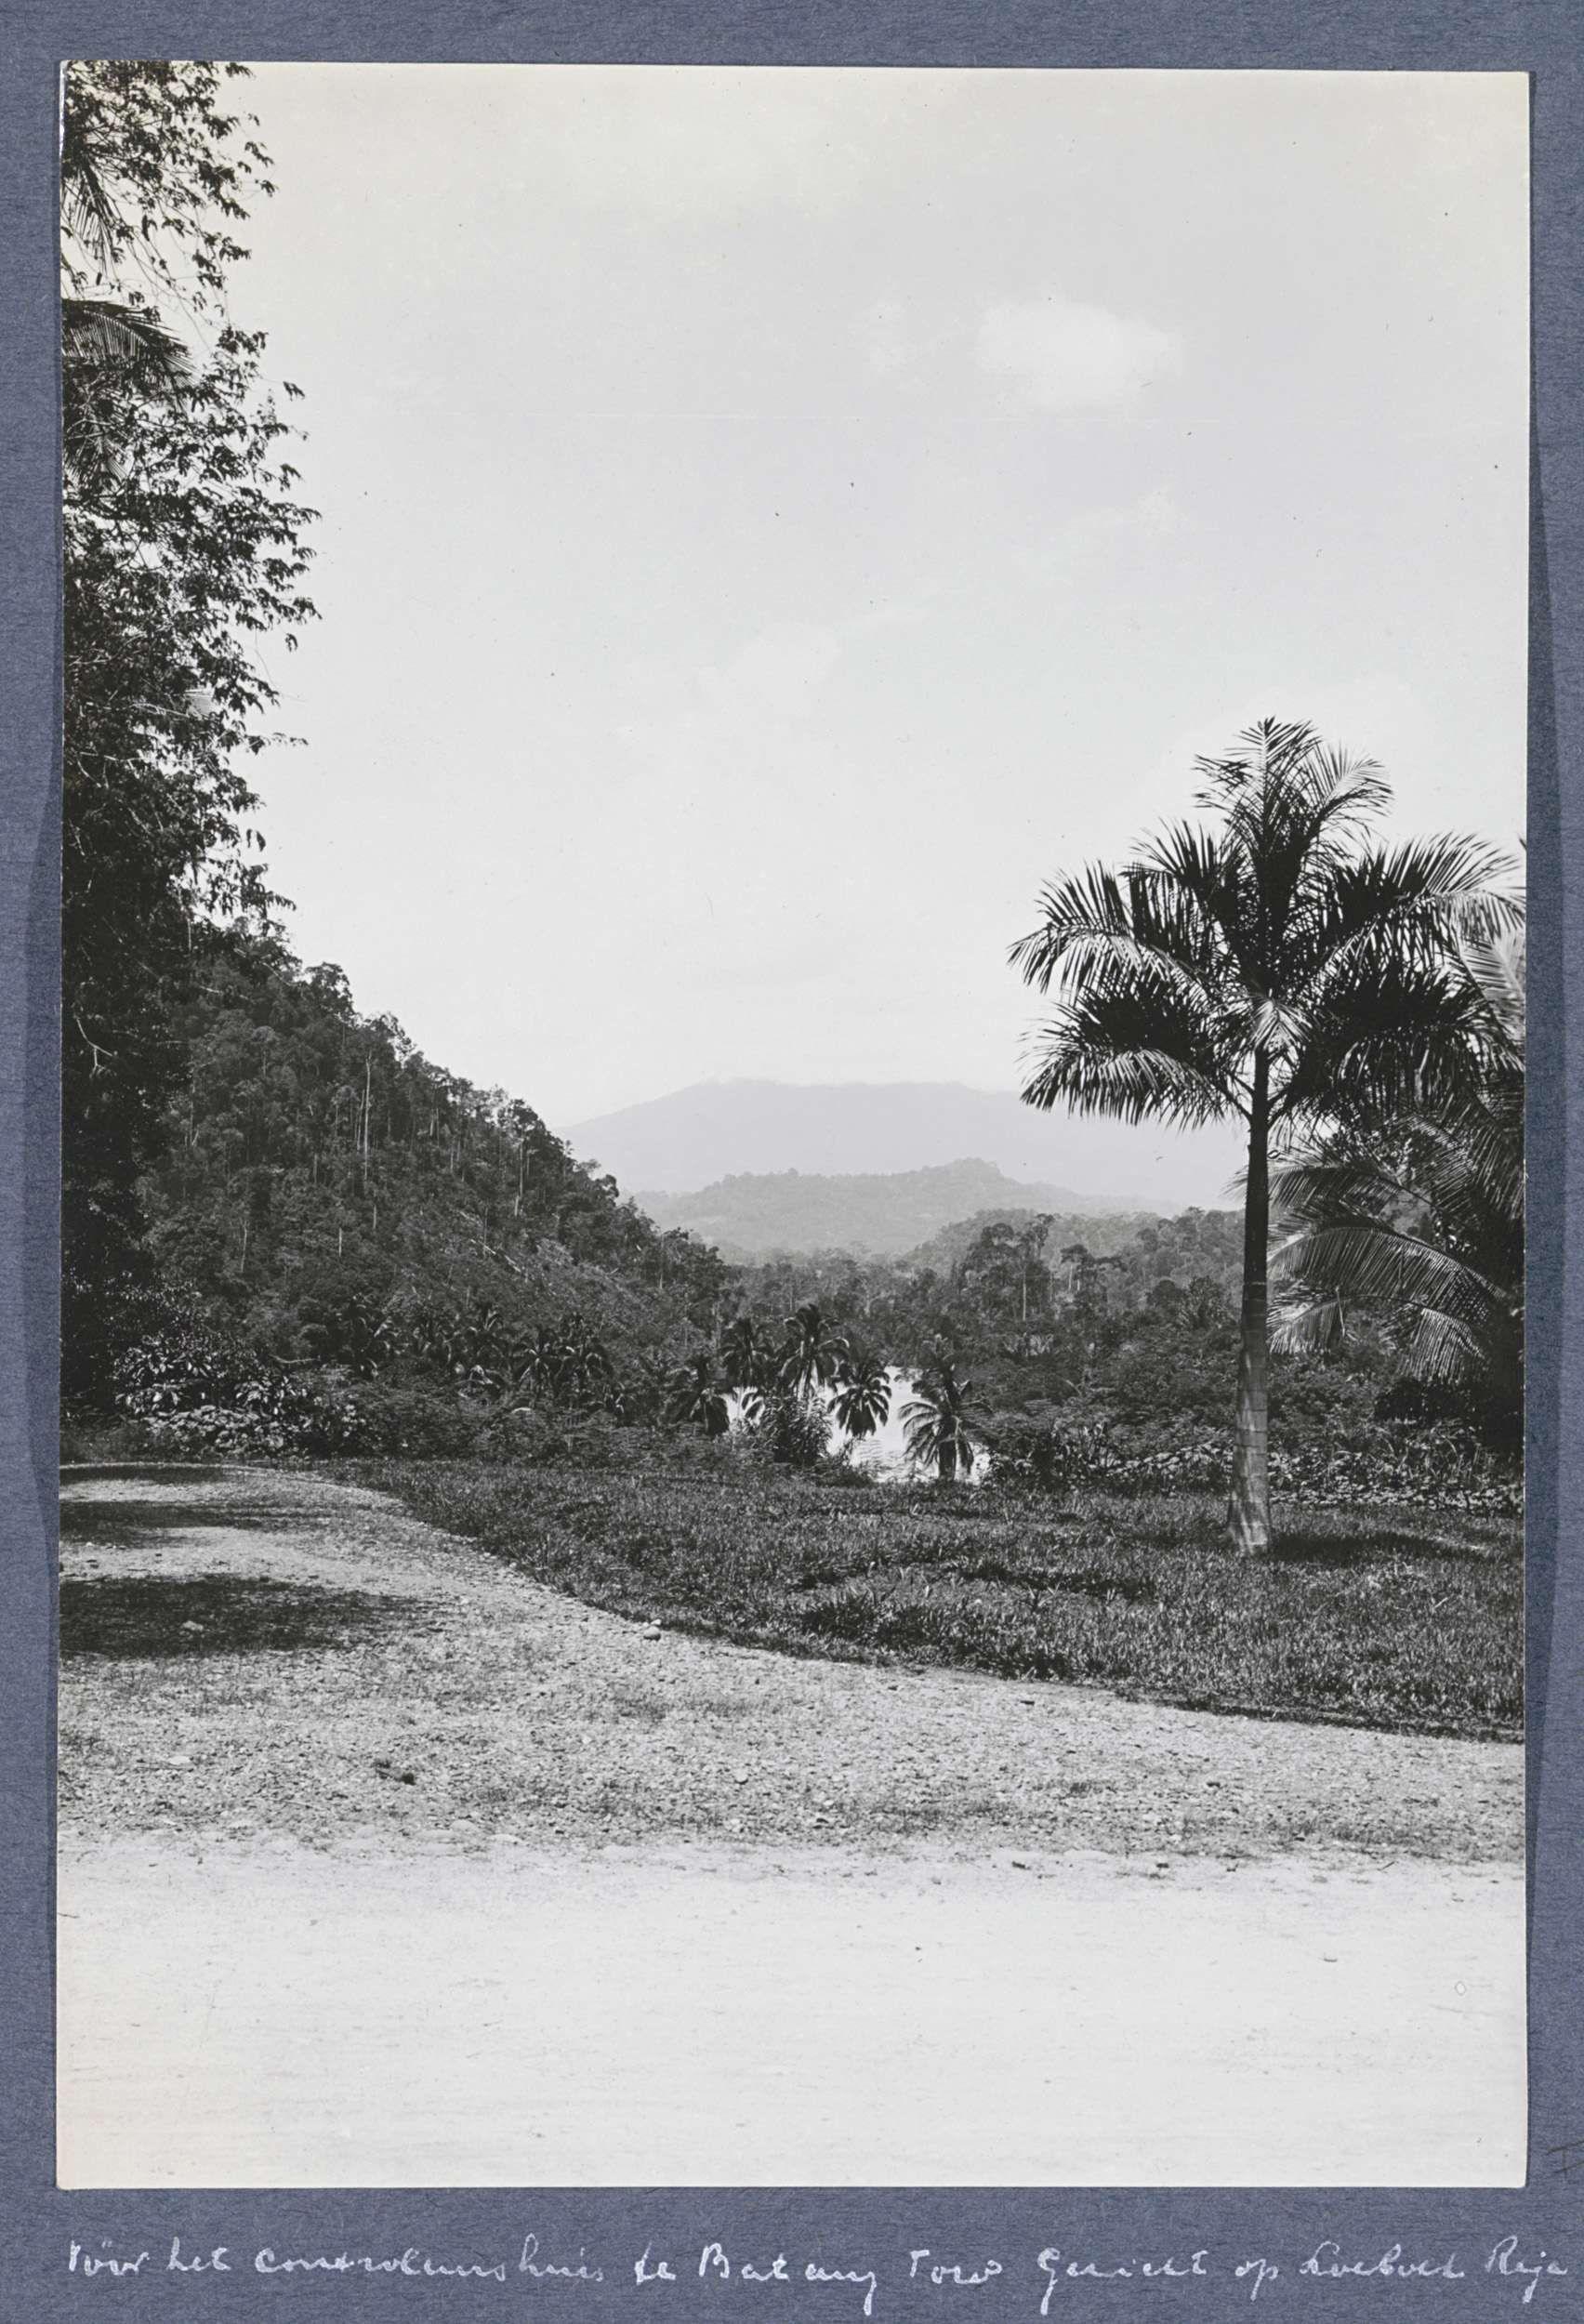 Anonymous   Gezicht op Loeboek Raja vóór het controleurshuis te Batang Toru op Sumatra, Anonymous, c. 1900 - c. 1920   Onderdeel van Reisalbum met foto's van bedrijvigheid en bezienswaardigheden op Sumatra en Java en van de reis naar en van Nederlands-Indië.